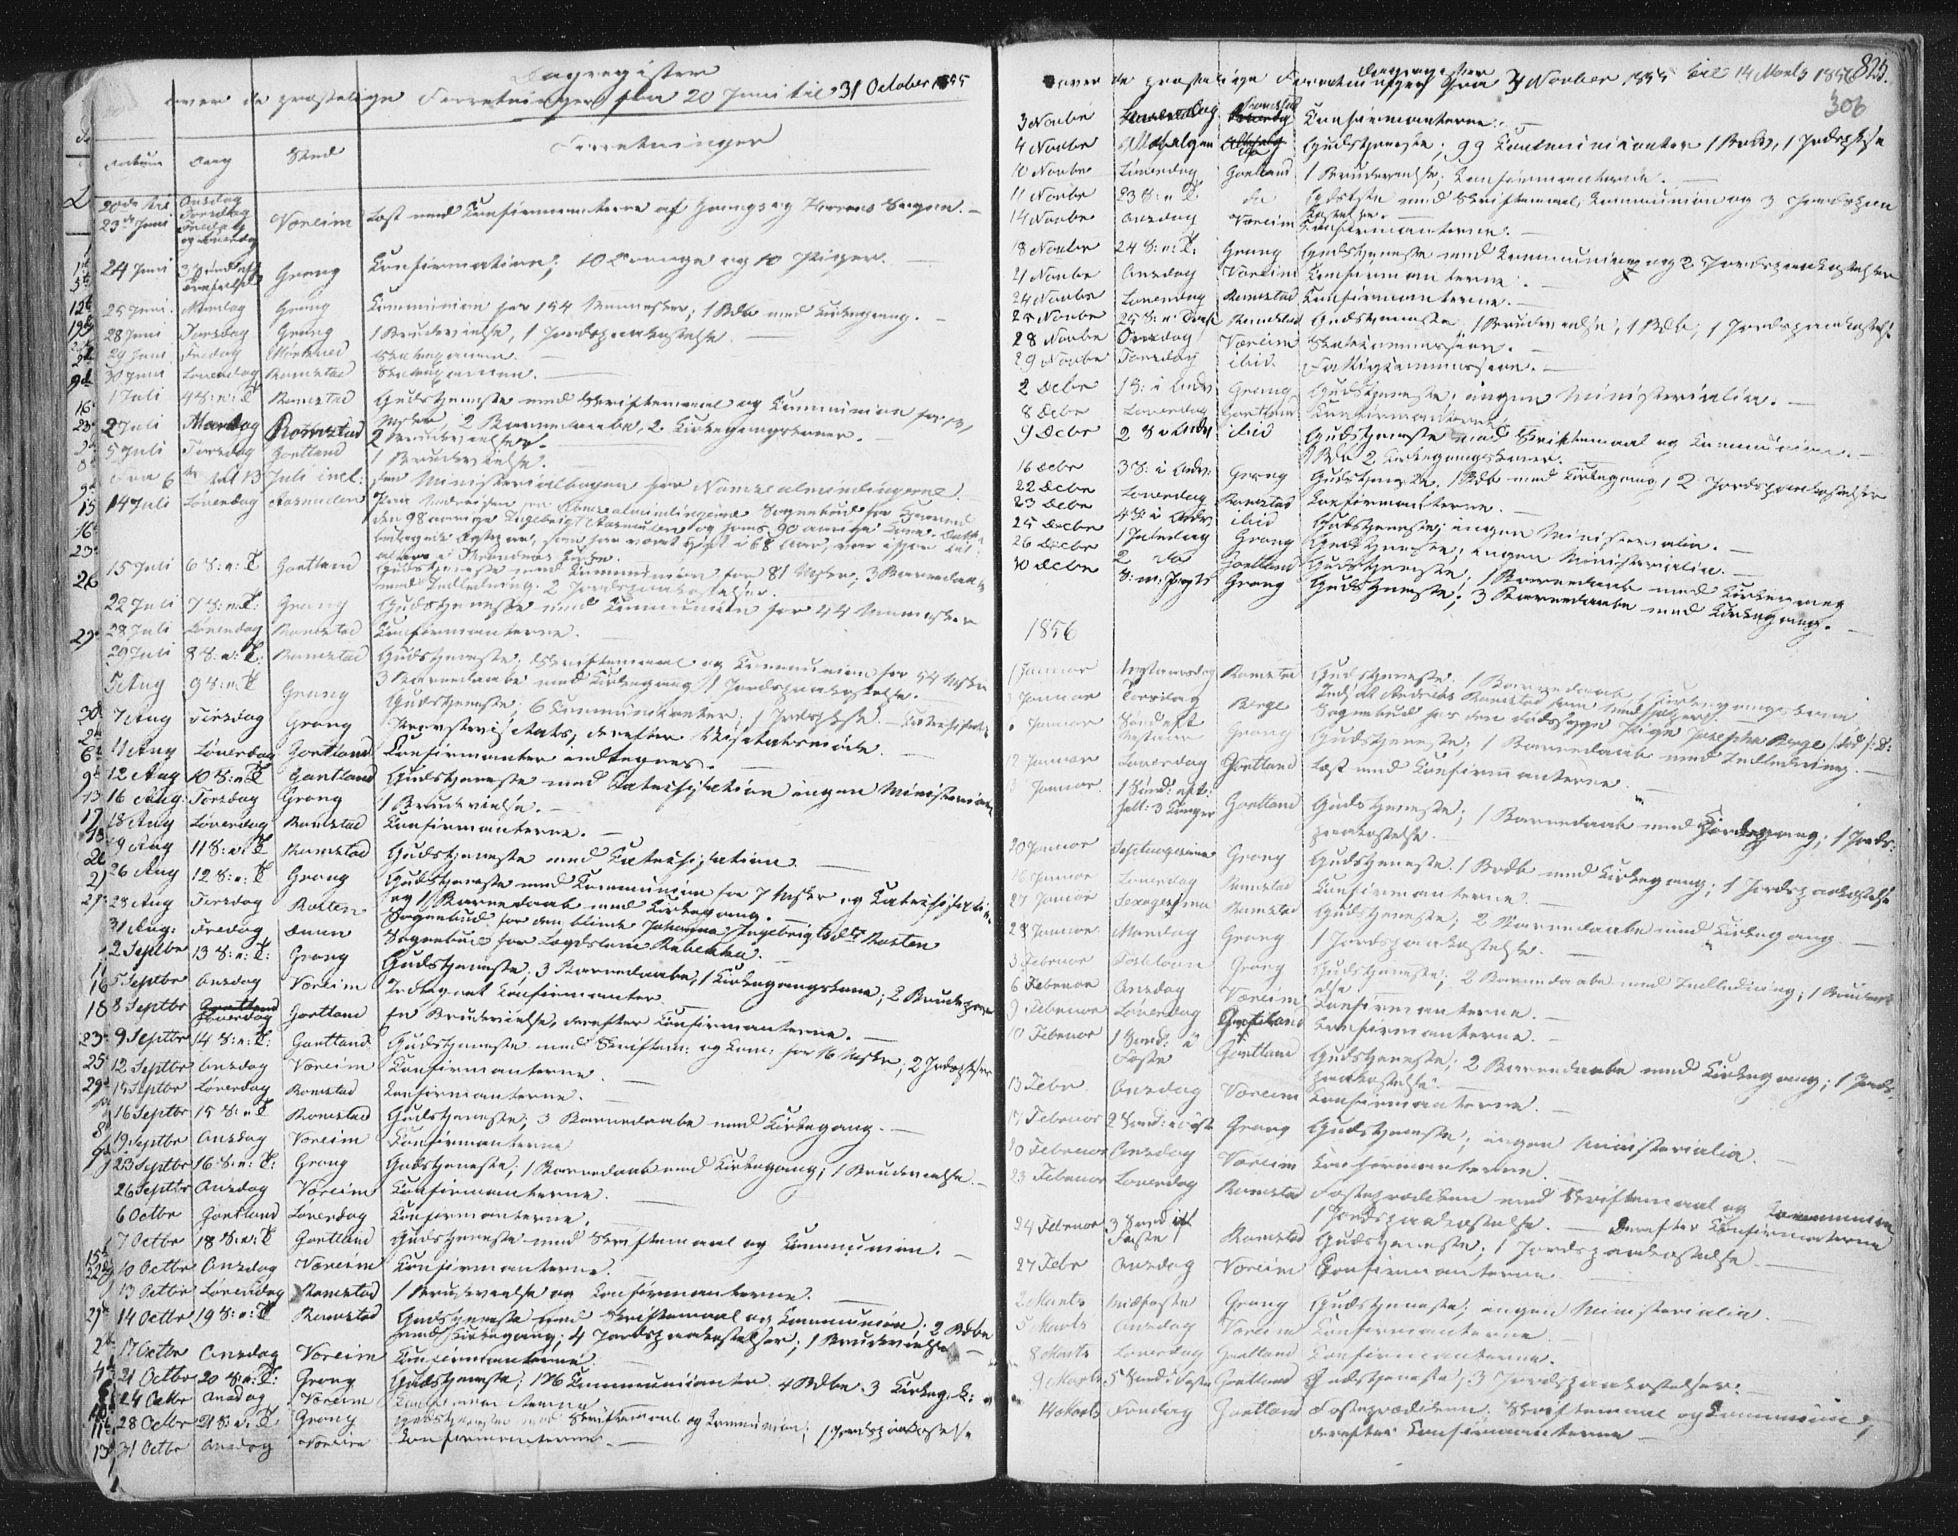 SAT, Ministerialprotokoller, klokkerbøker og fødselsregistre - Nord-Trøndelag, 758/L0513: Ministerialbok nr. 758A02 /1, 1839-1868, s. 306